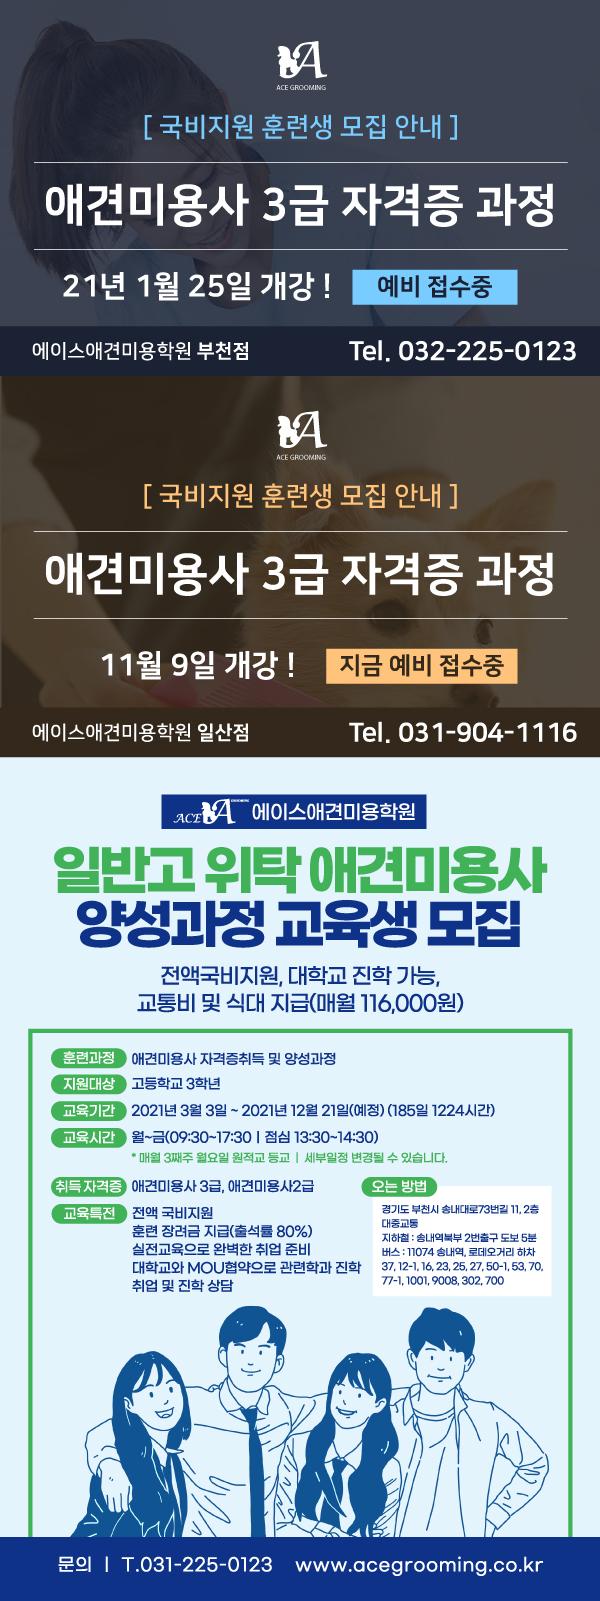 부천점 / 일산점 개강 & 모집 안내